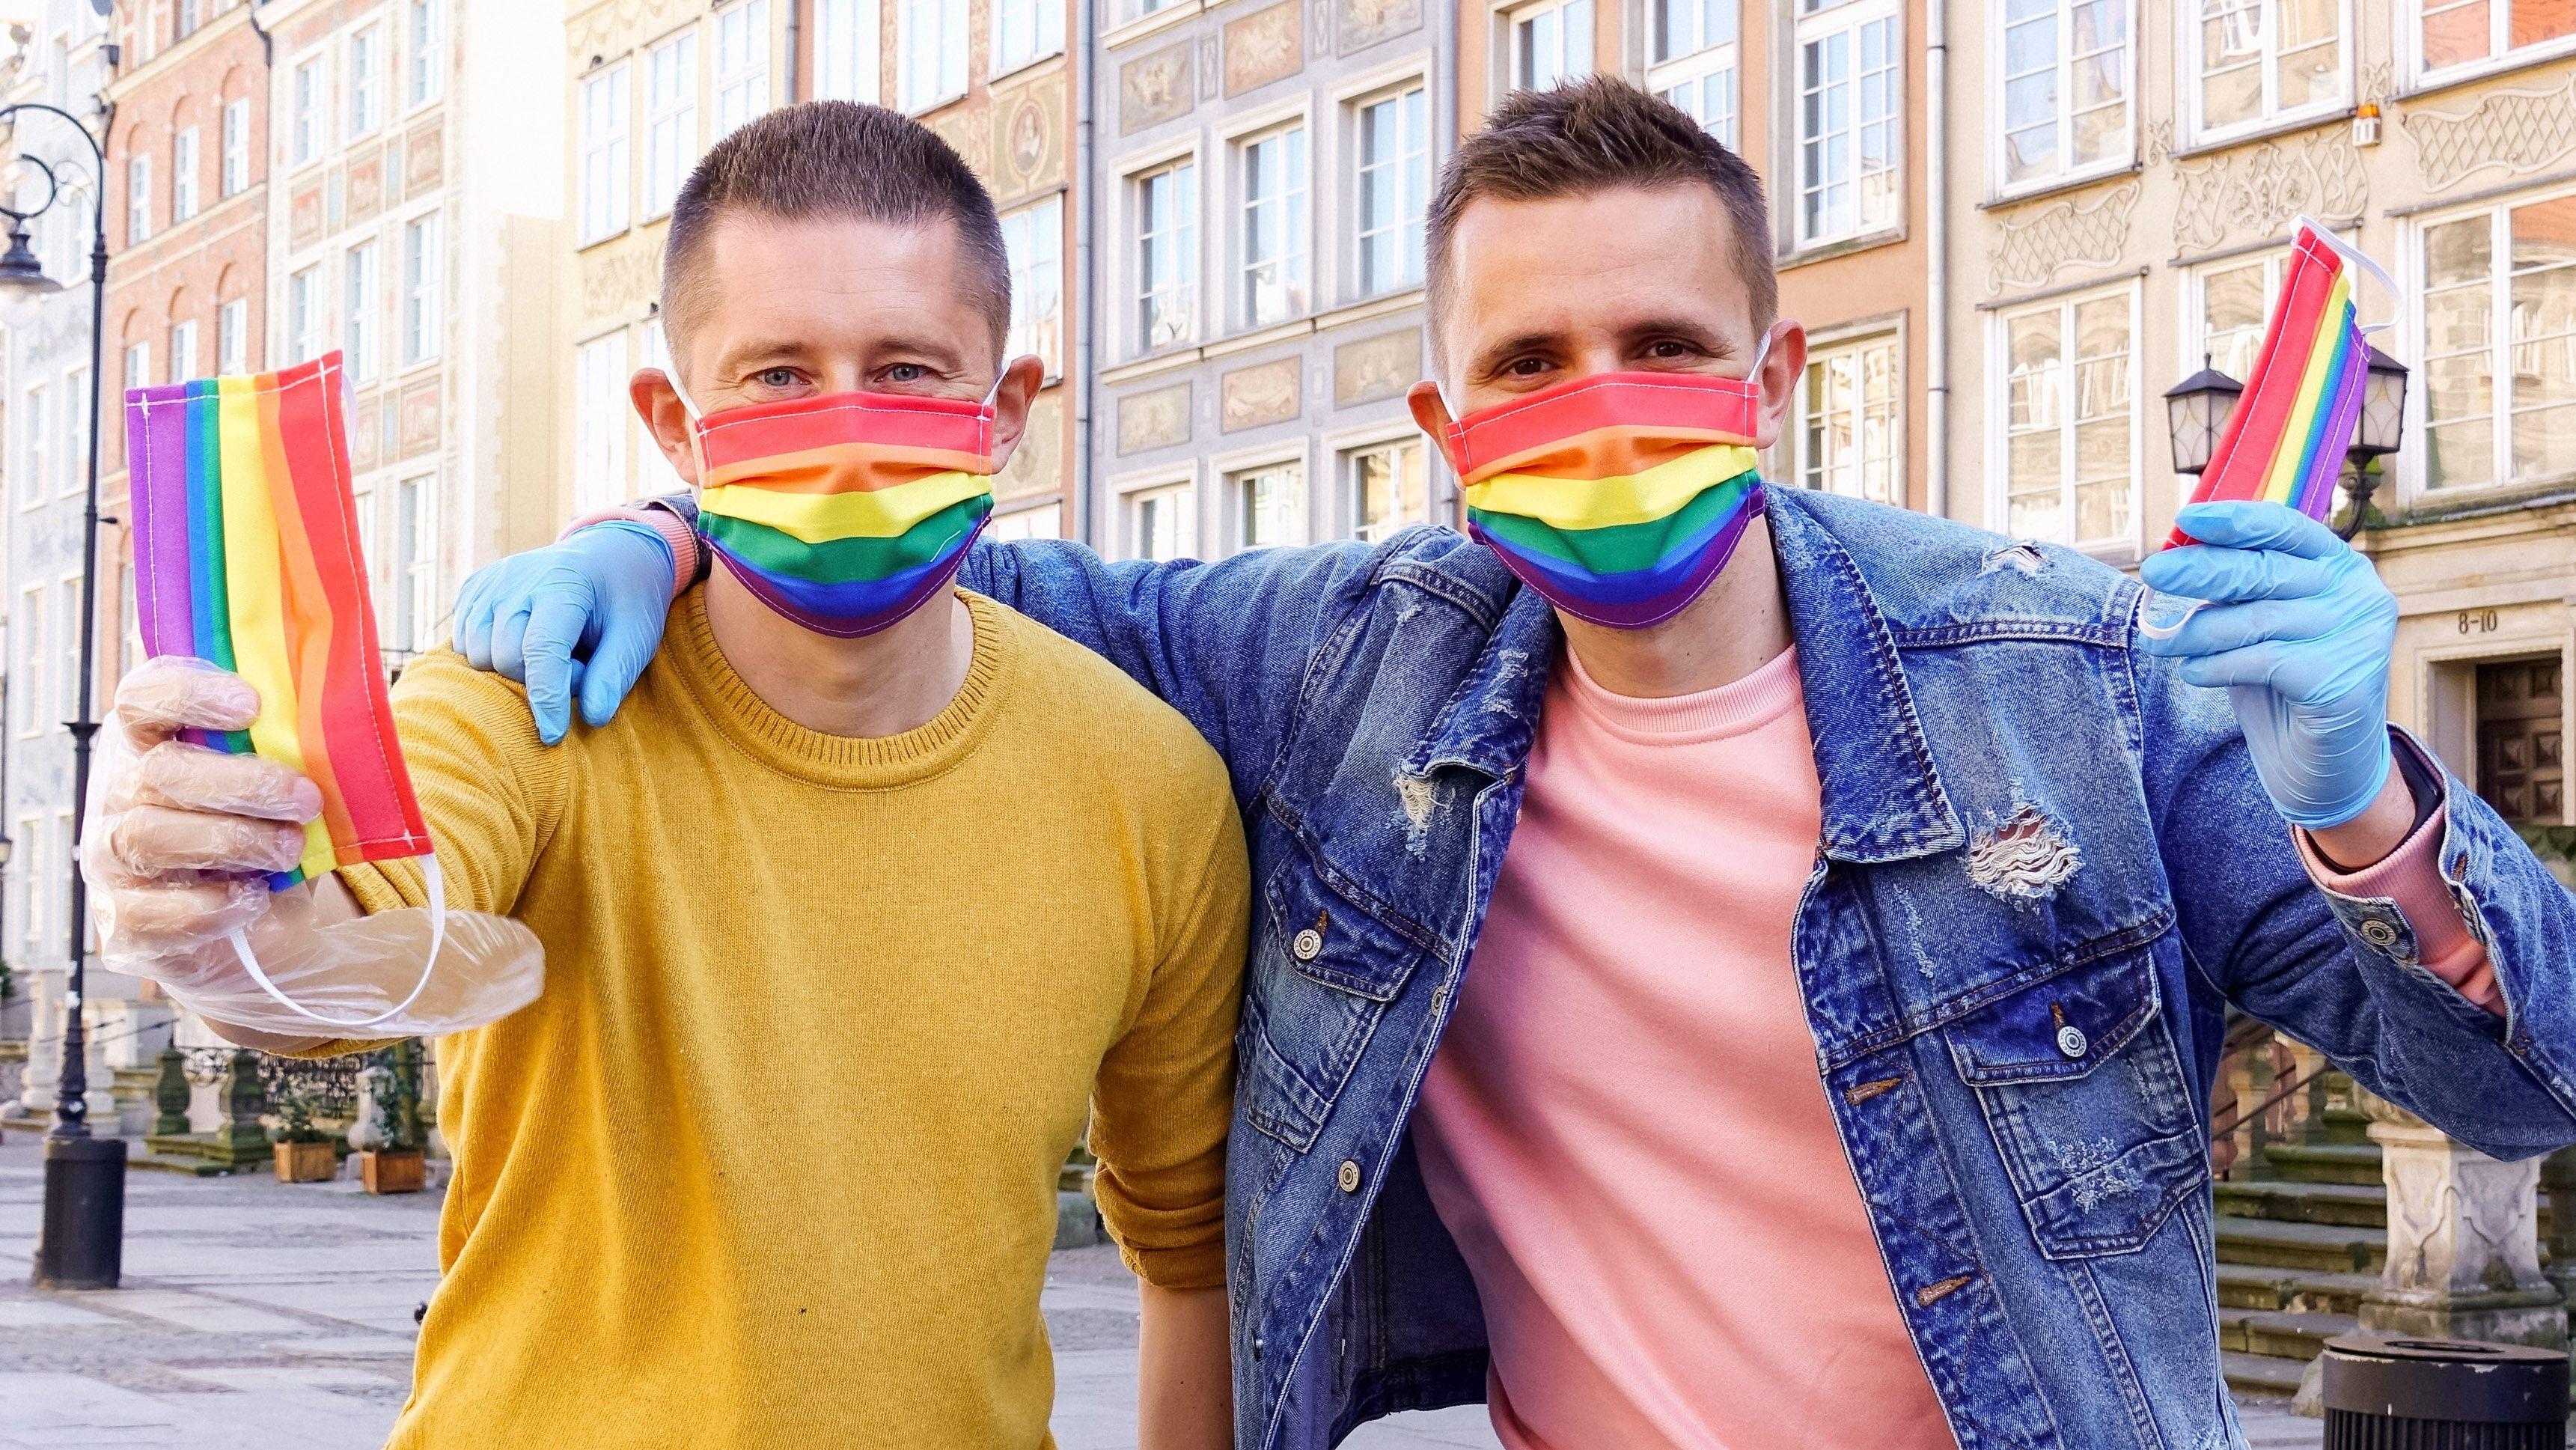 Día Internacional contra la Homofobia y Transfobia: cómo se originó y por qué se eligió el 17 de mayo - Infobae